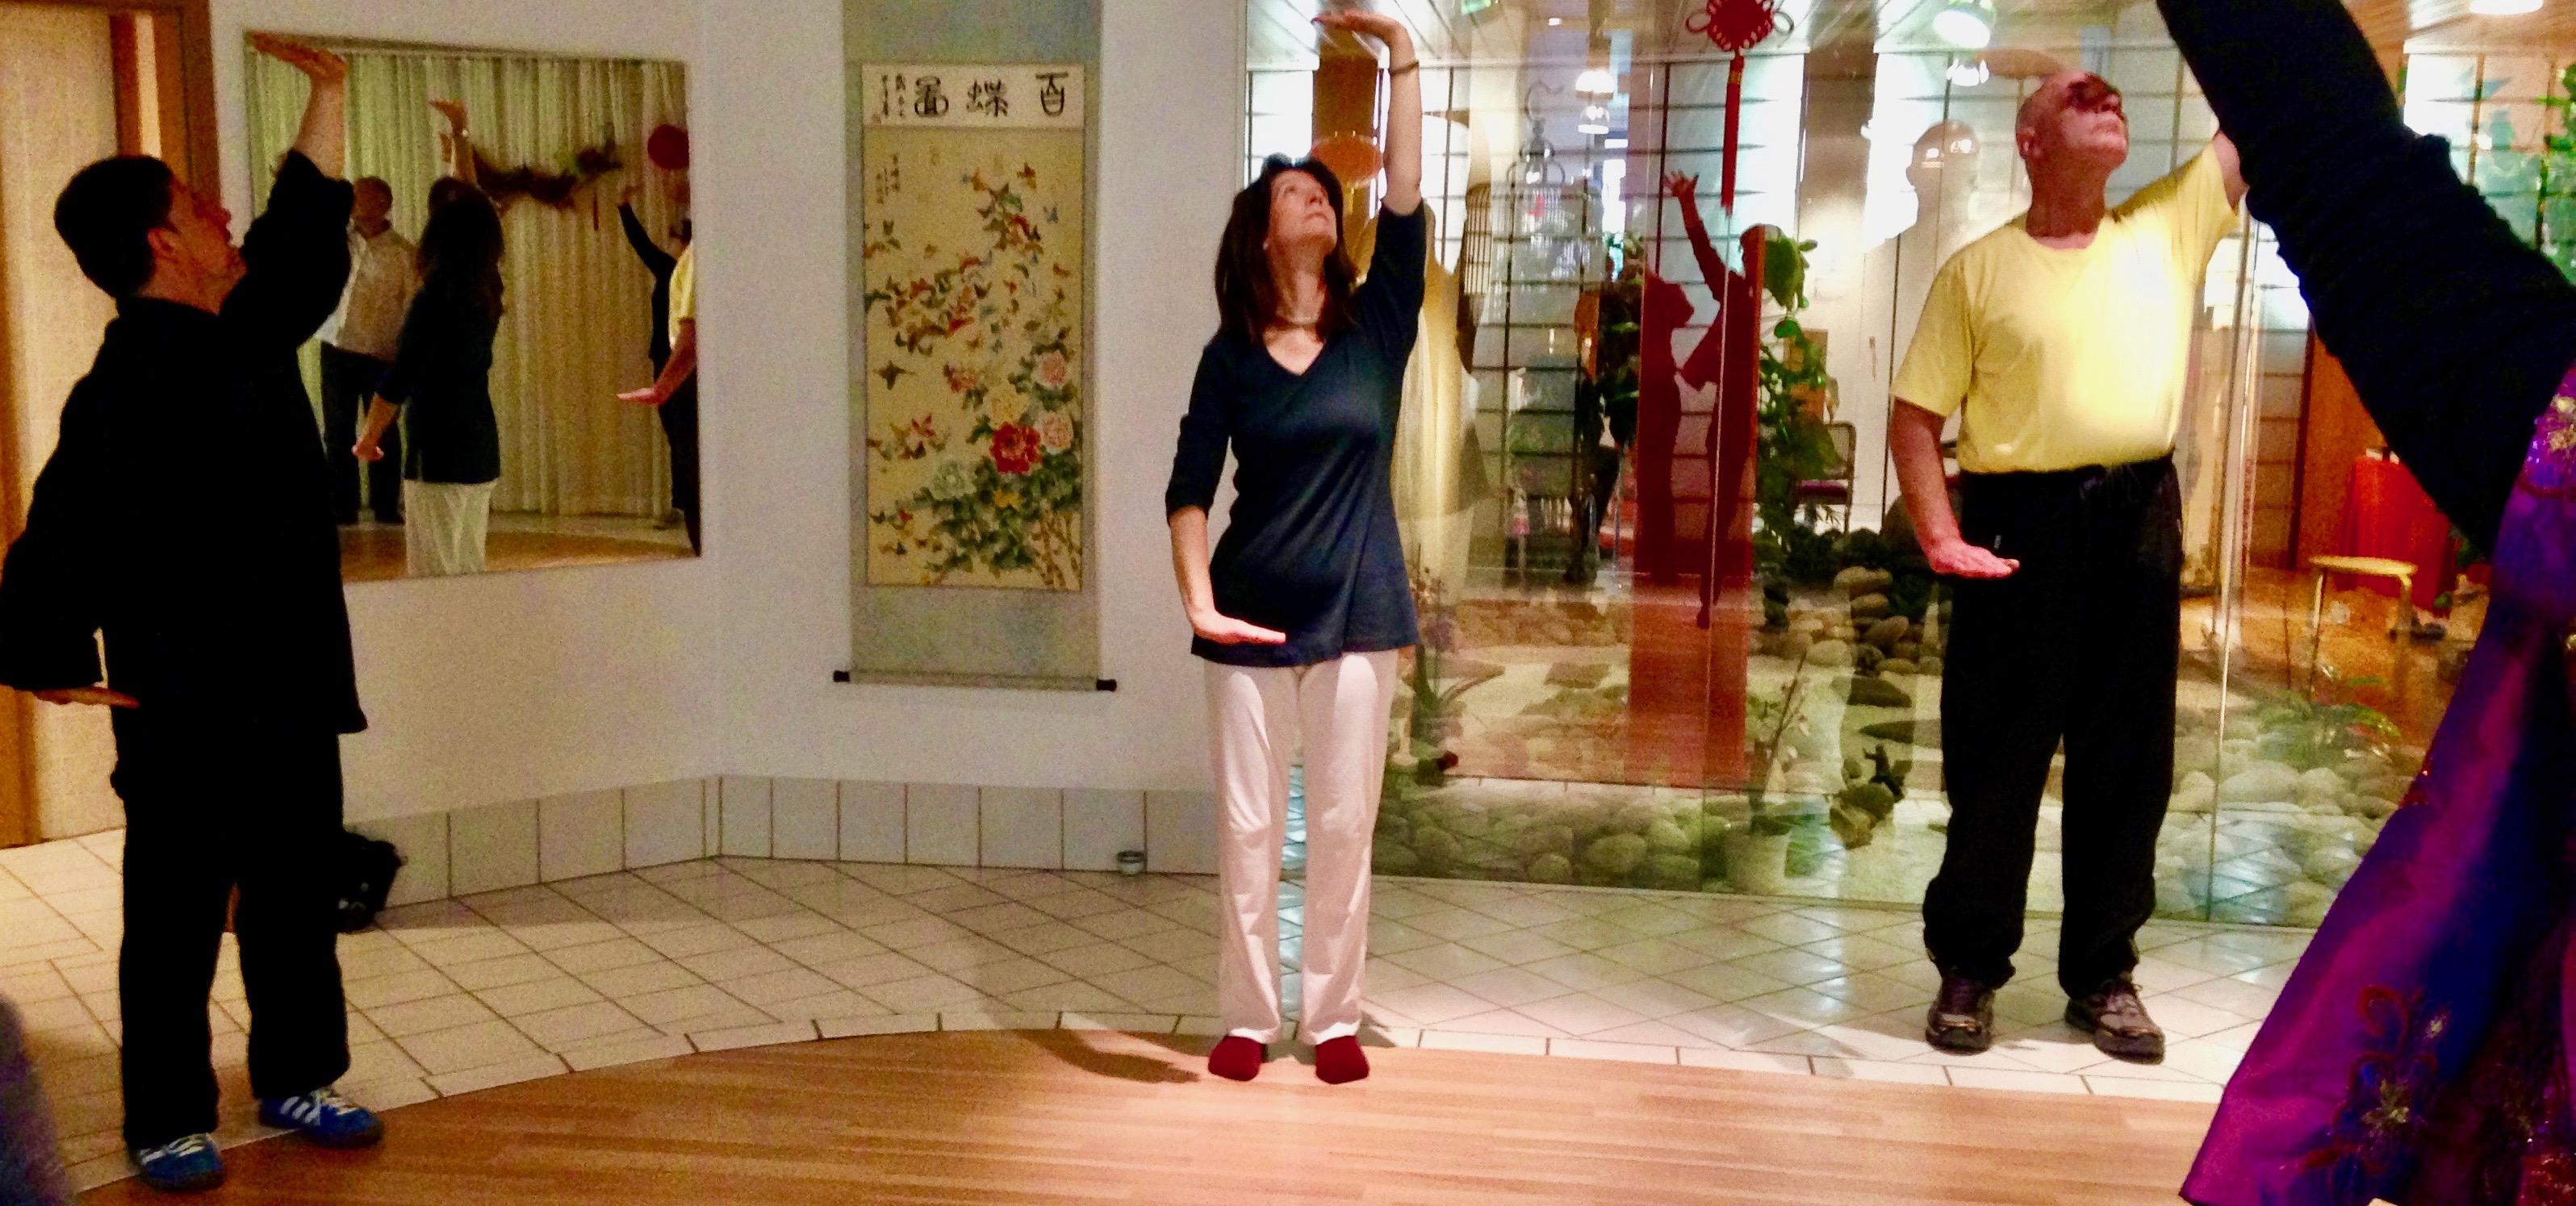 DADI Qigong-Stunde im Zentrum für präventive chinesische Medizin e.V. Genaue Termine entnehmen Sie bitte dem Kalender.